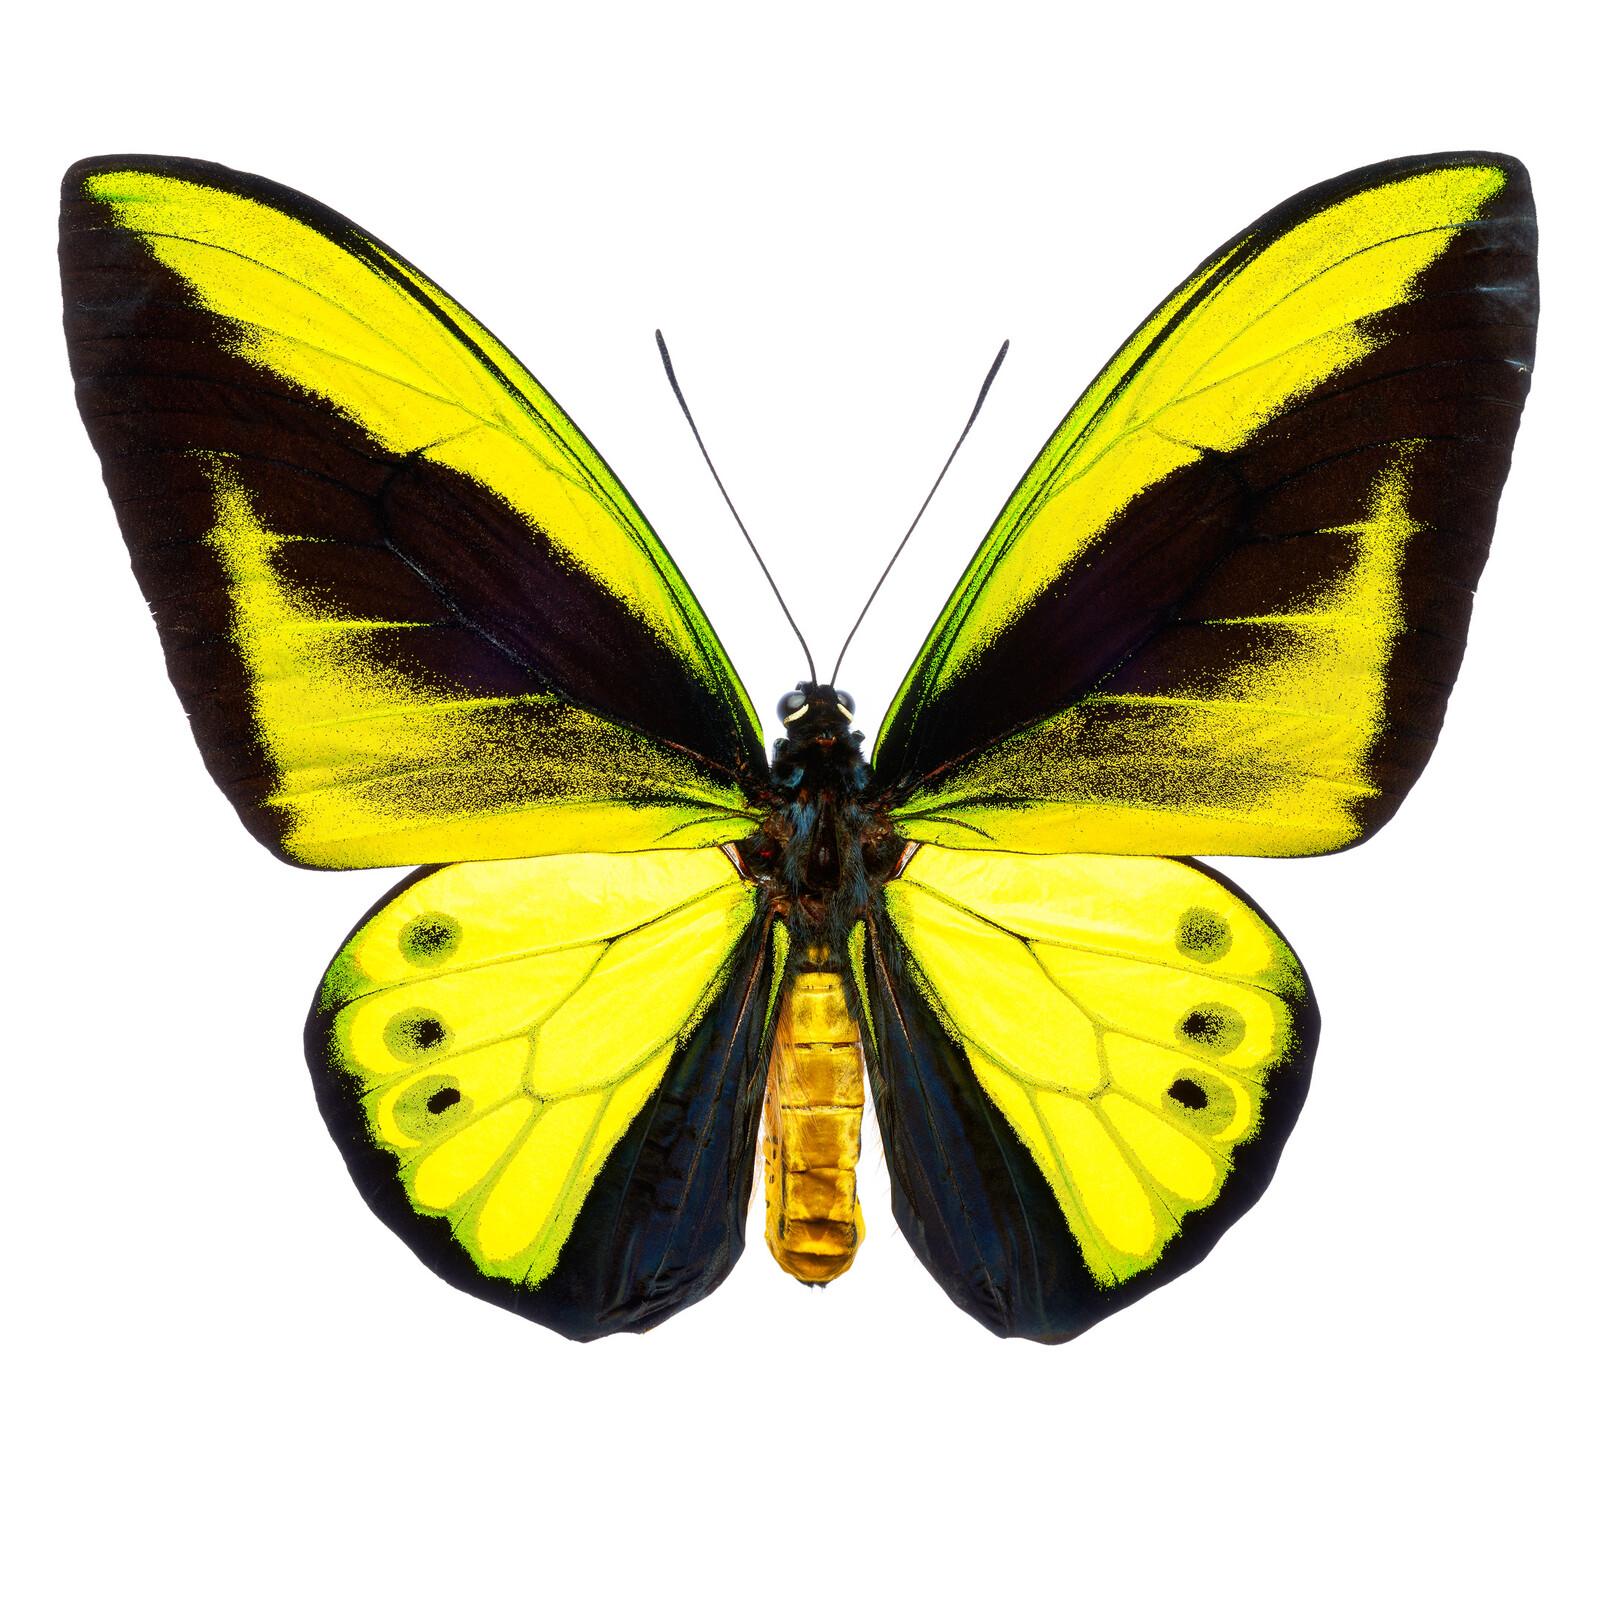 Butterfly VIII - Heiko Hellwig